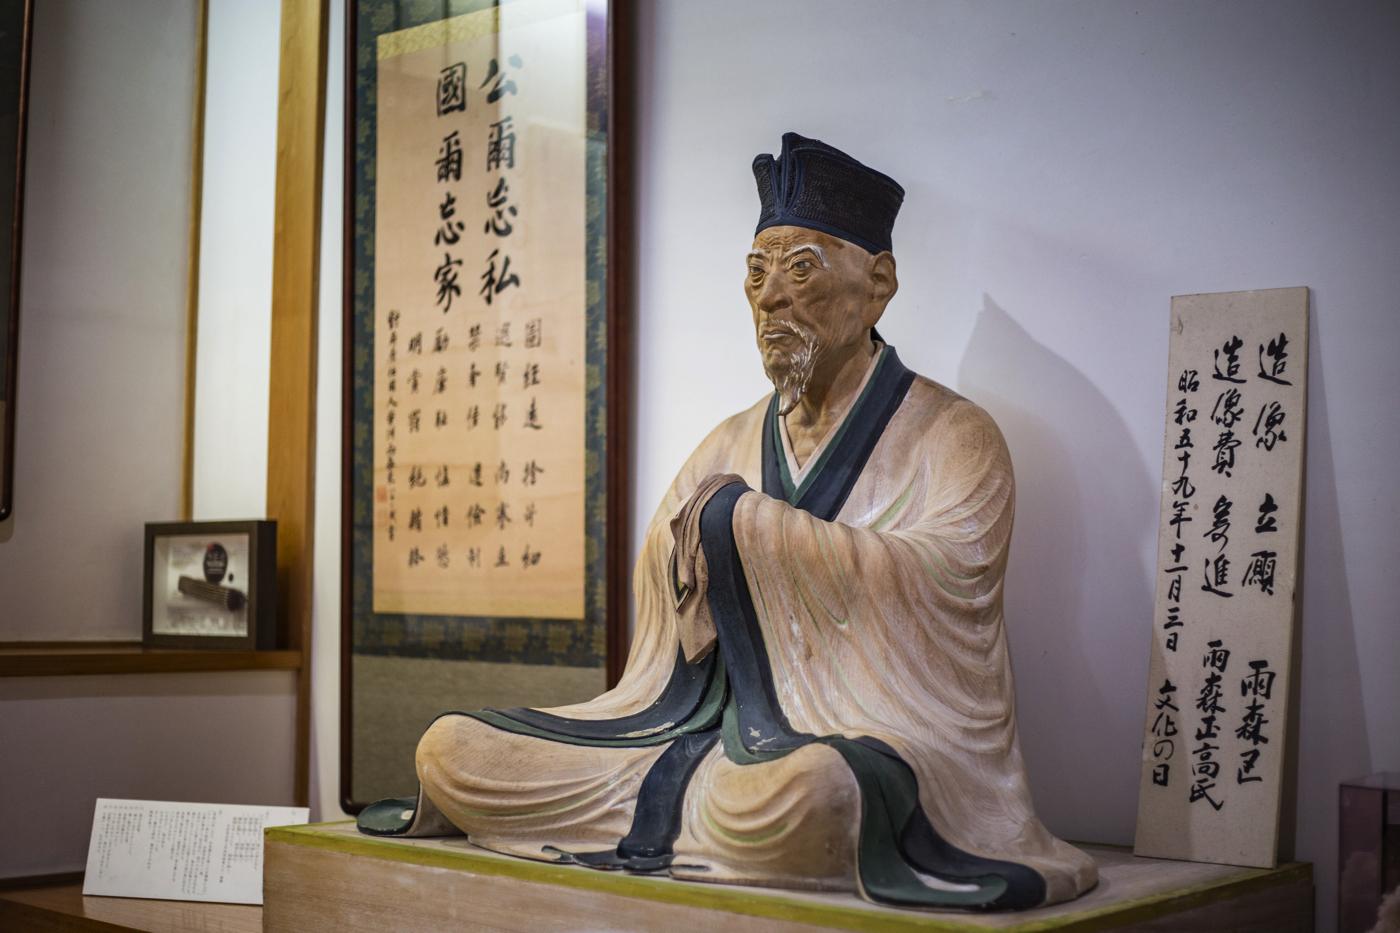 芳洲は朝鮮通信使が来日したとき、随行者として1711年と1719年の2回に同行し、善隣外交に貢献しました